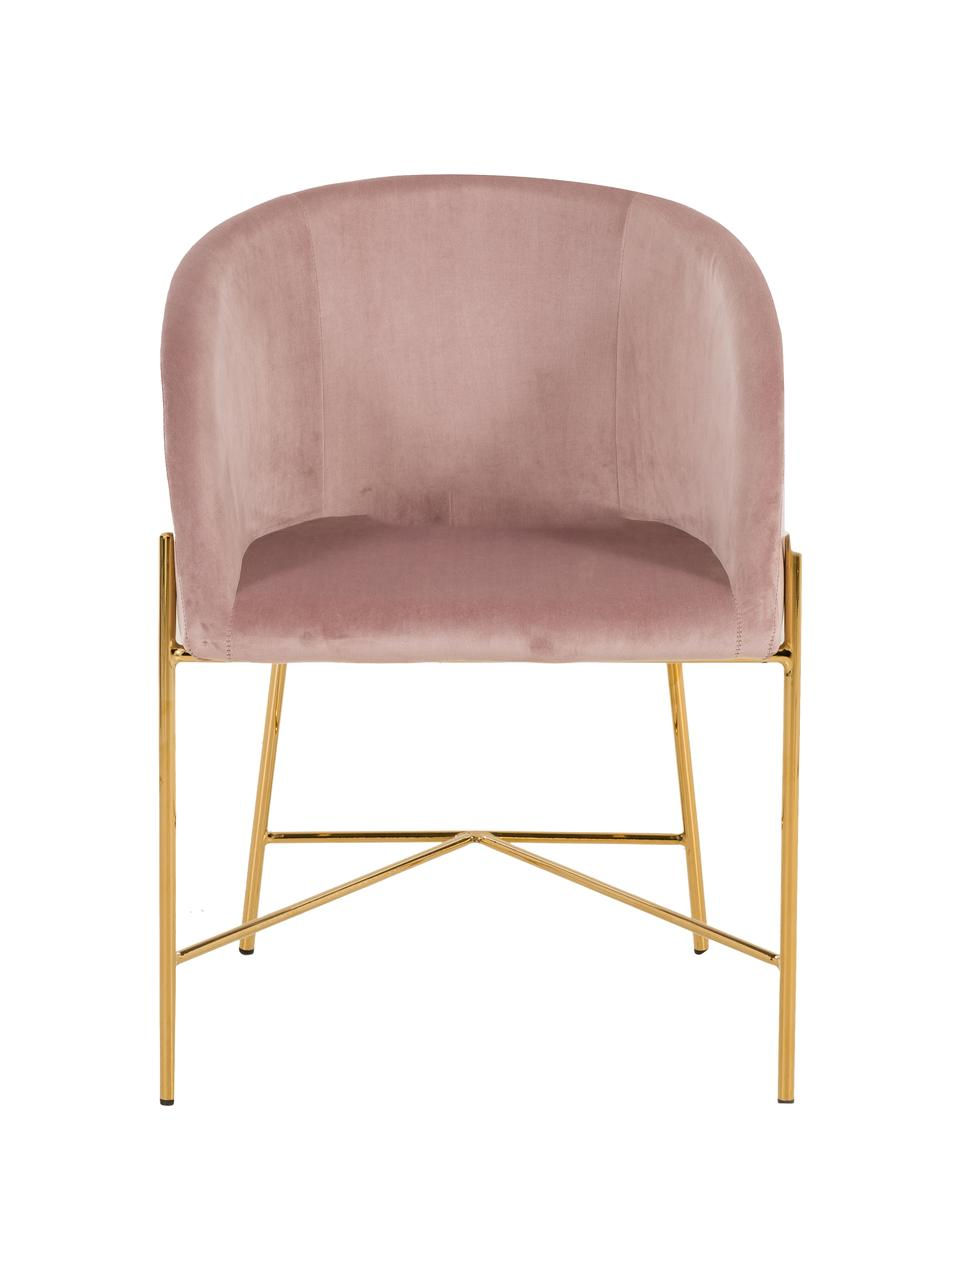 Sedia con braccioli in velluto Nelson, Rivestimento: velluto di poliestere Con, Gambe: metallo ottone placcato, Rosa cipria, Larg. 56 x Prof. 55 cm